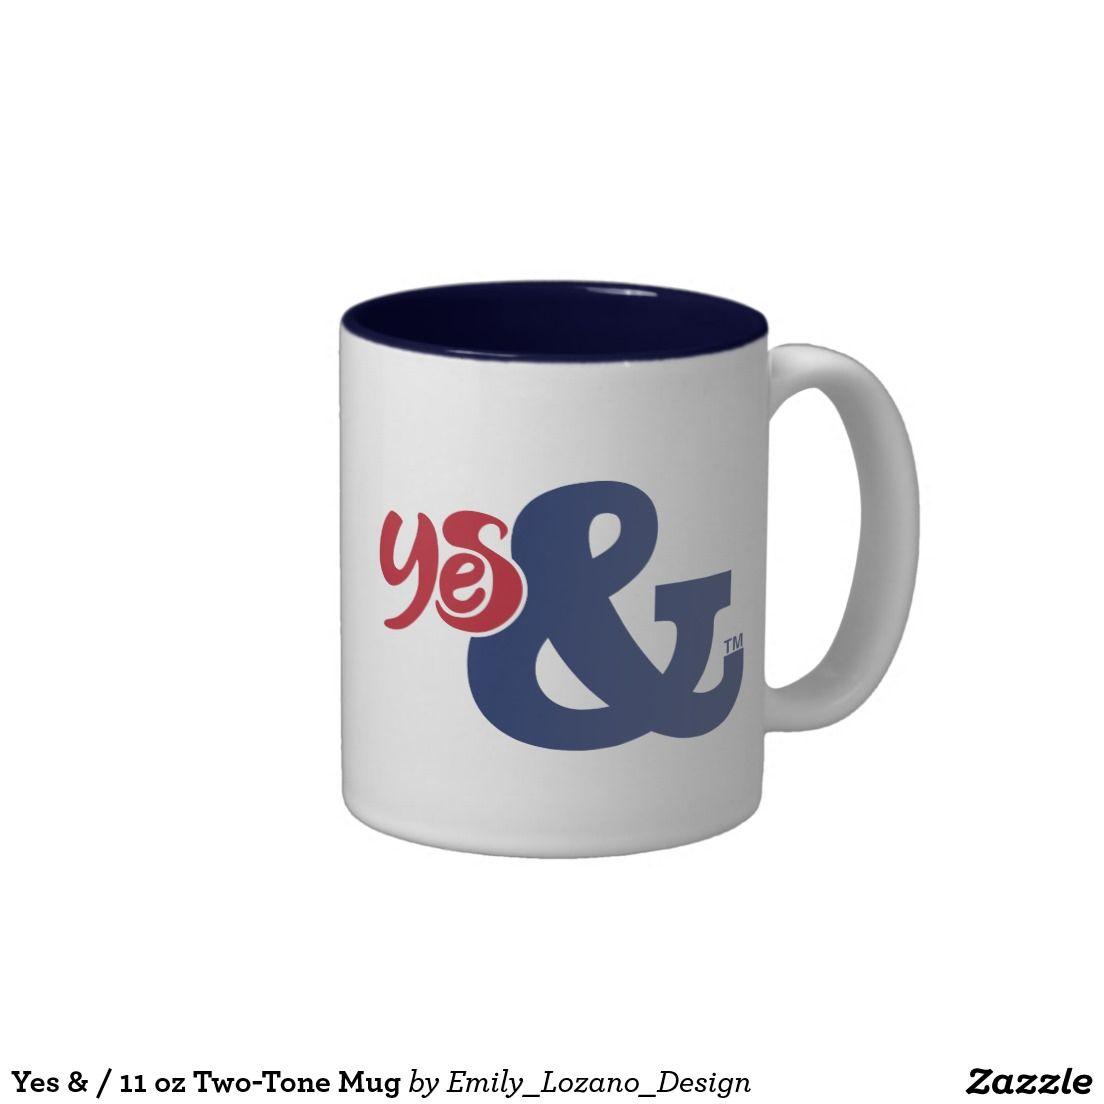 Yes & / 11 oz Two-Tone Mug